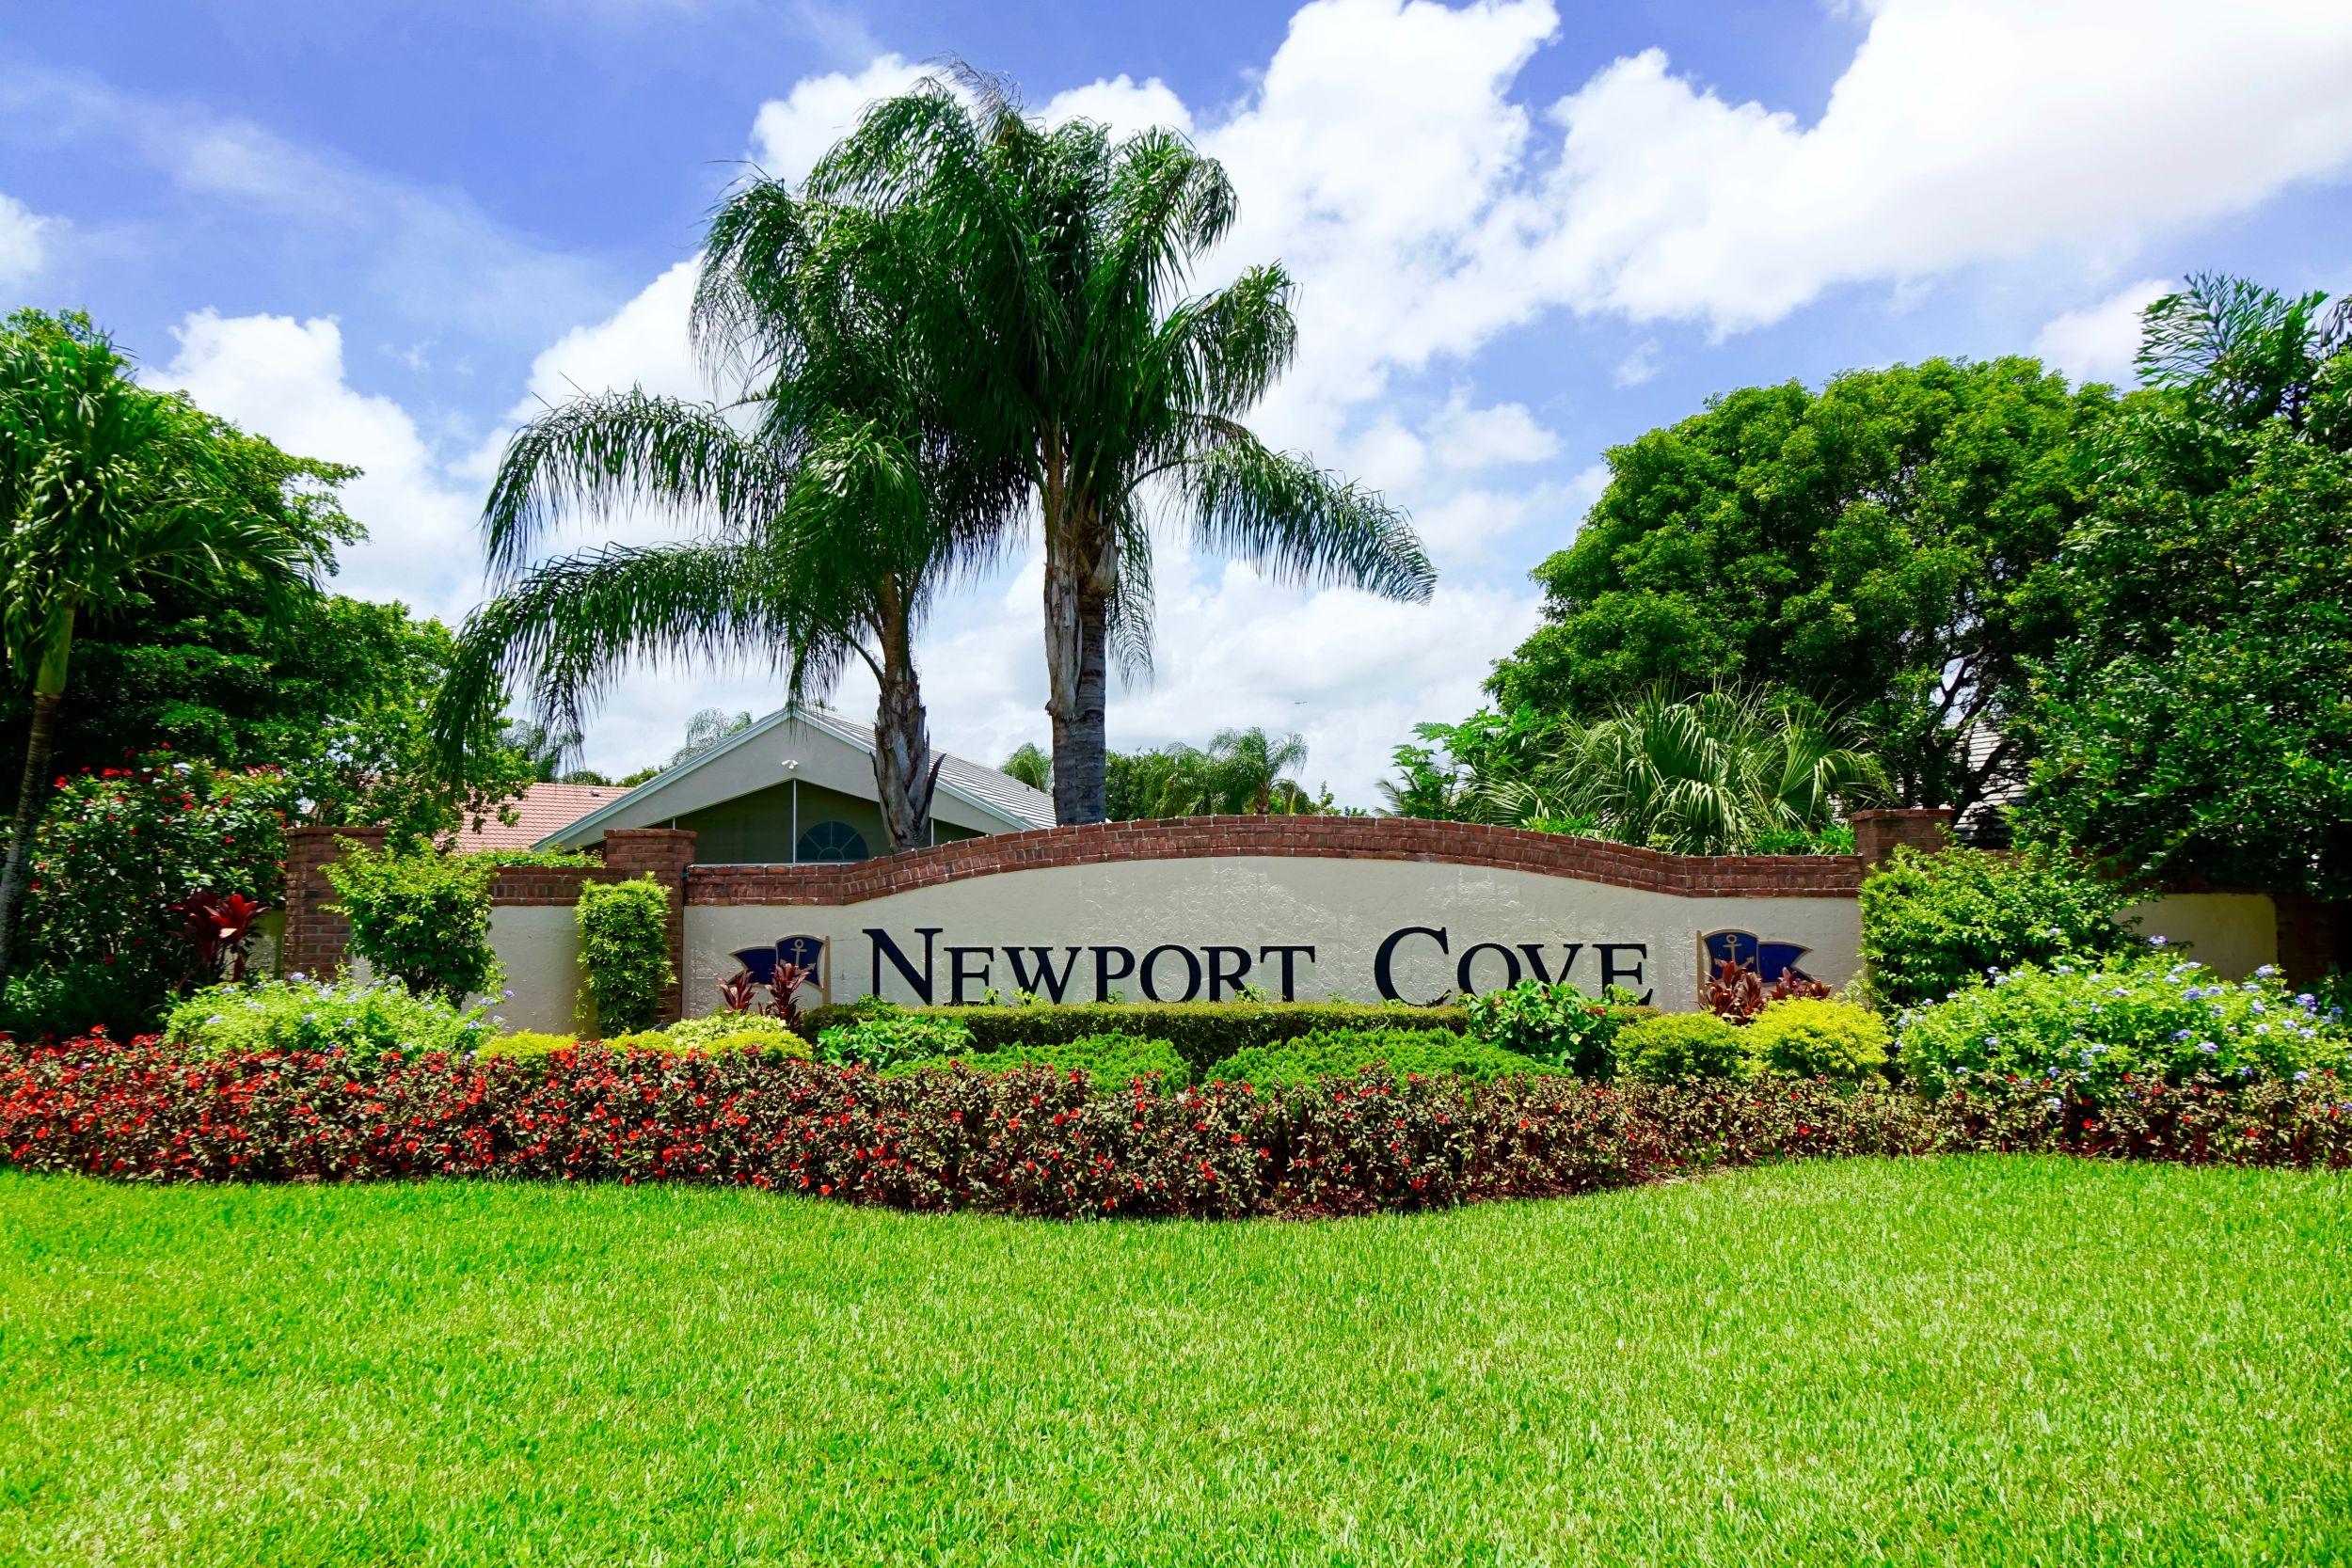 newport cove | delray beach